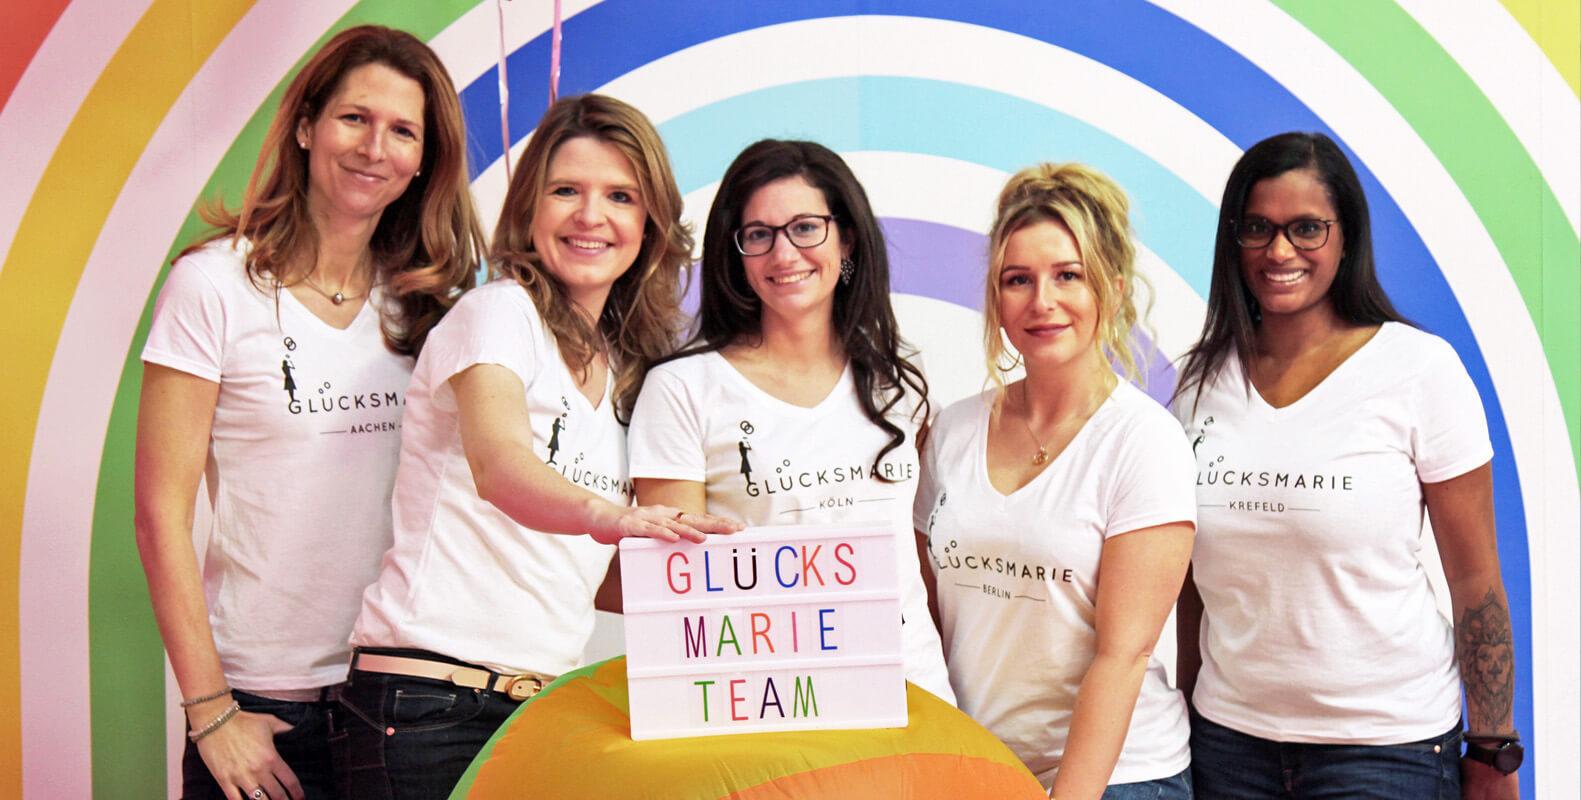 Gluecksmarie-Webseite_Content-Bilder-180502_team_heller